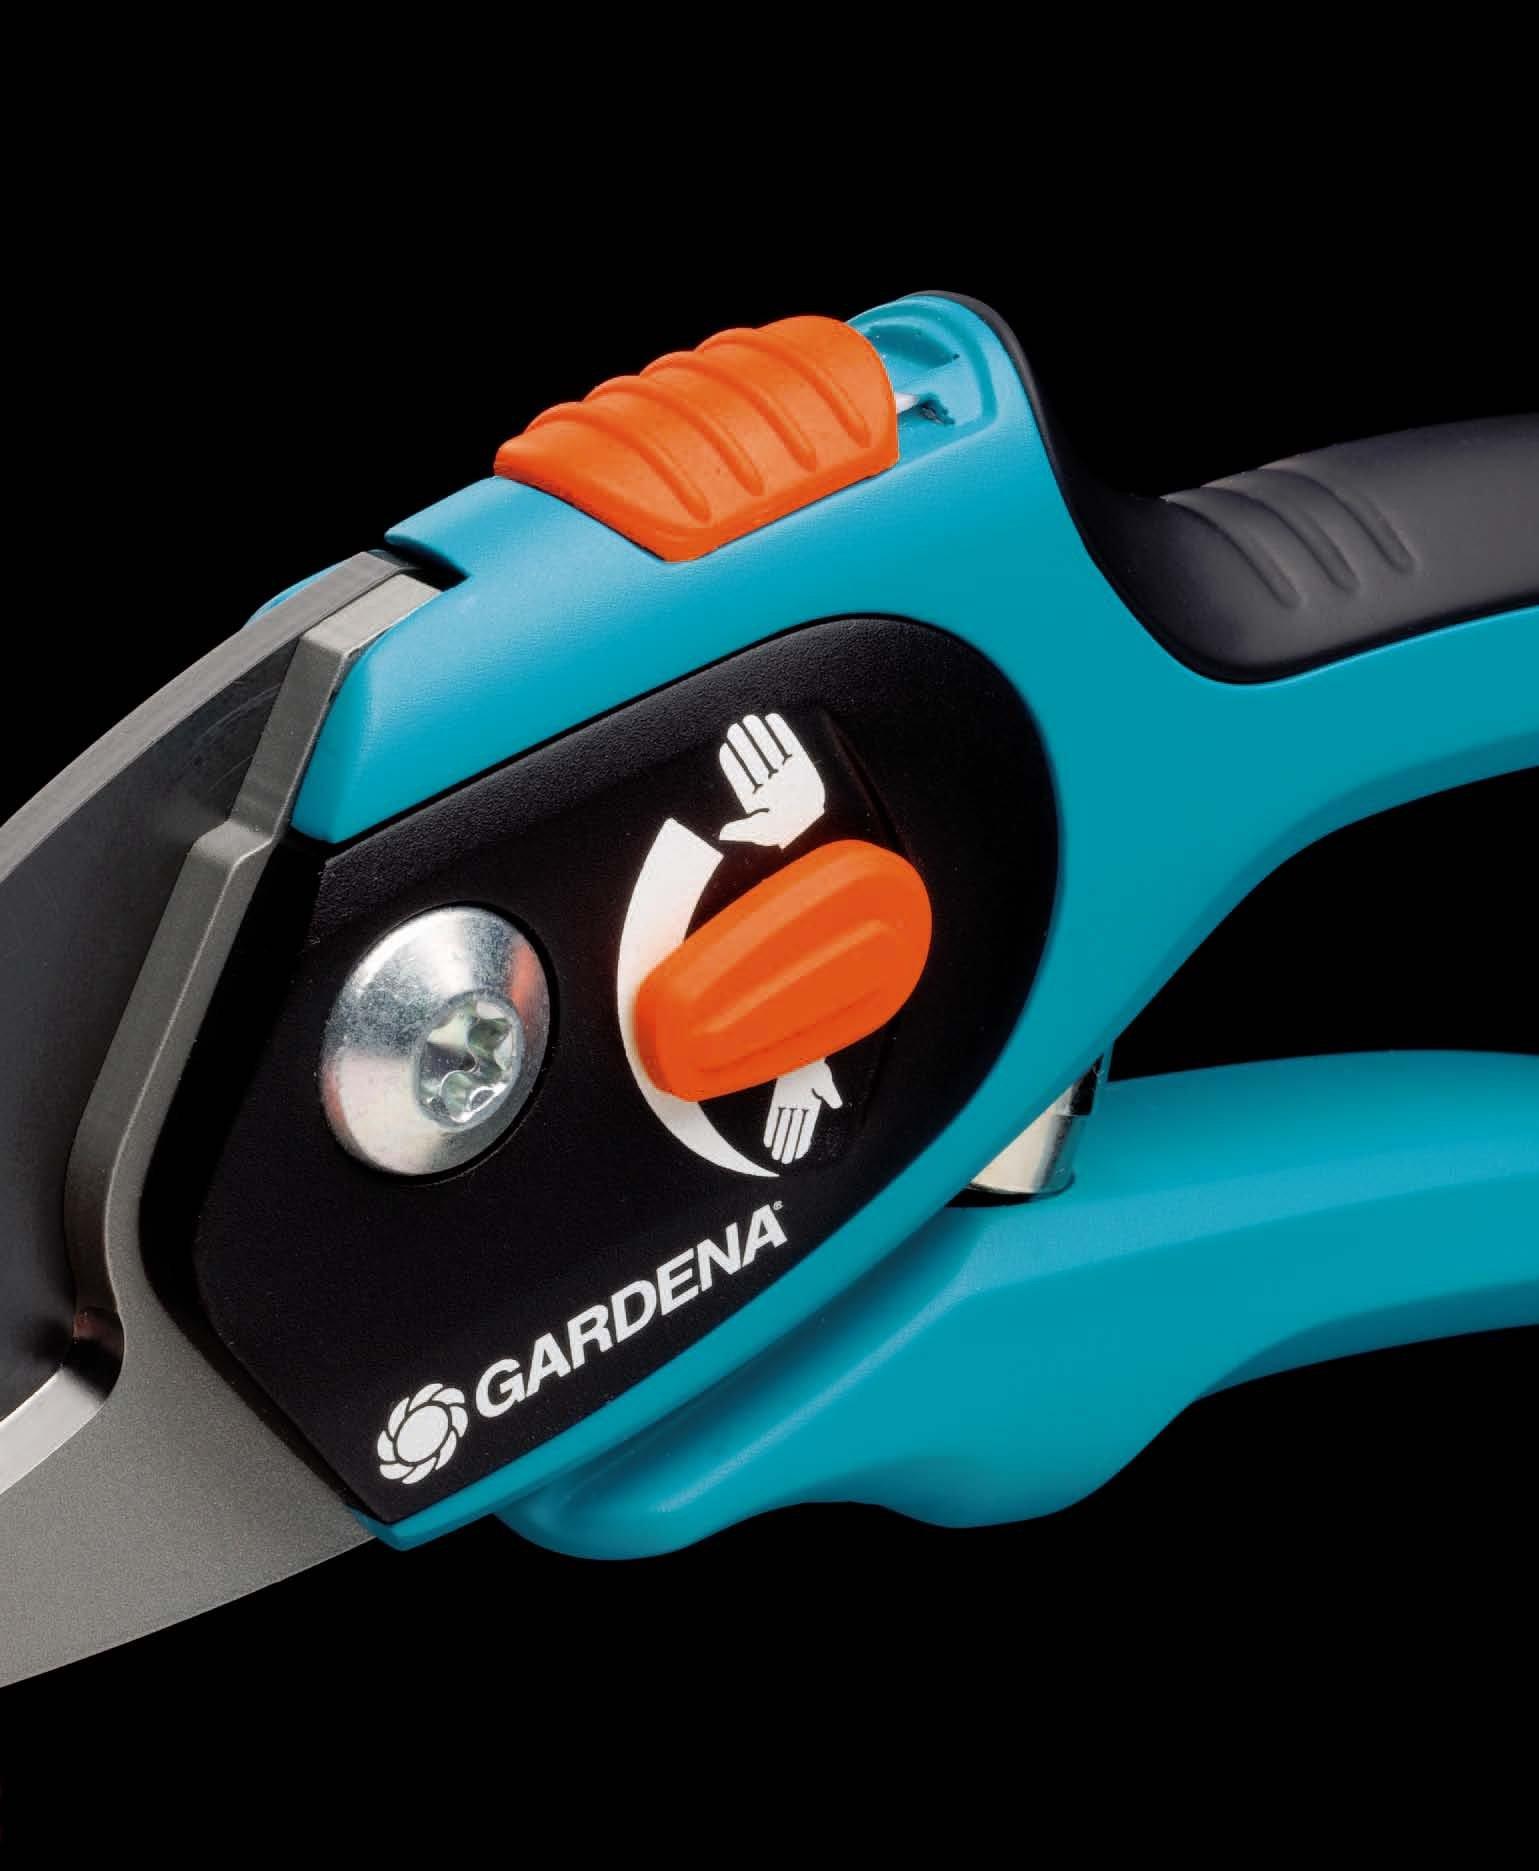 Gardena 8788 Comfort Vario Hand Pruner With 3/4-Inch Cut by Gardena (Image #1)